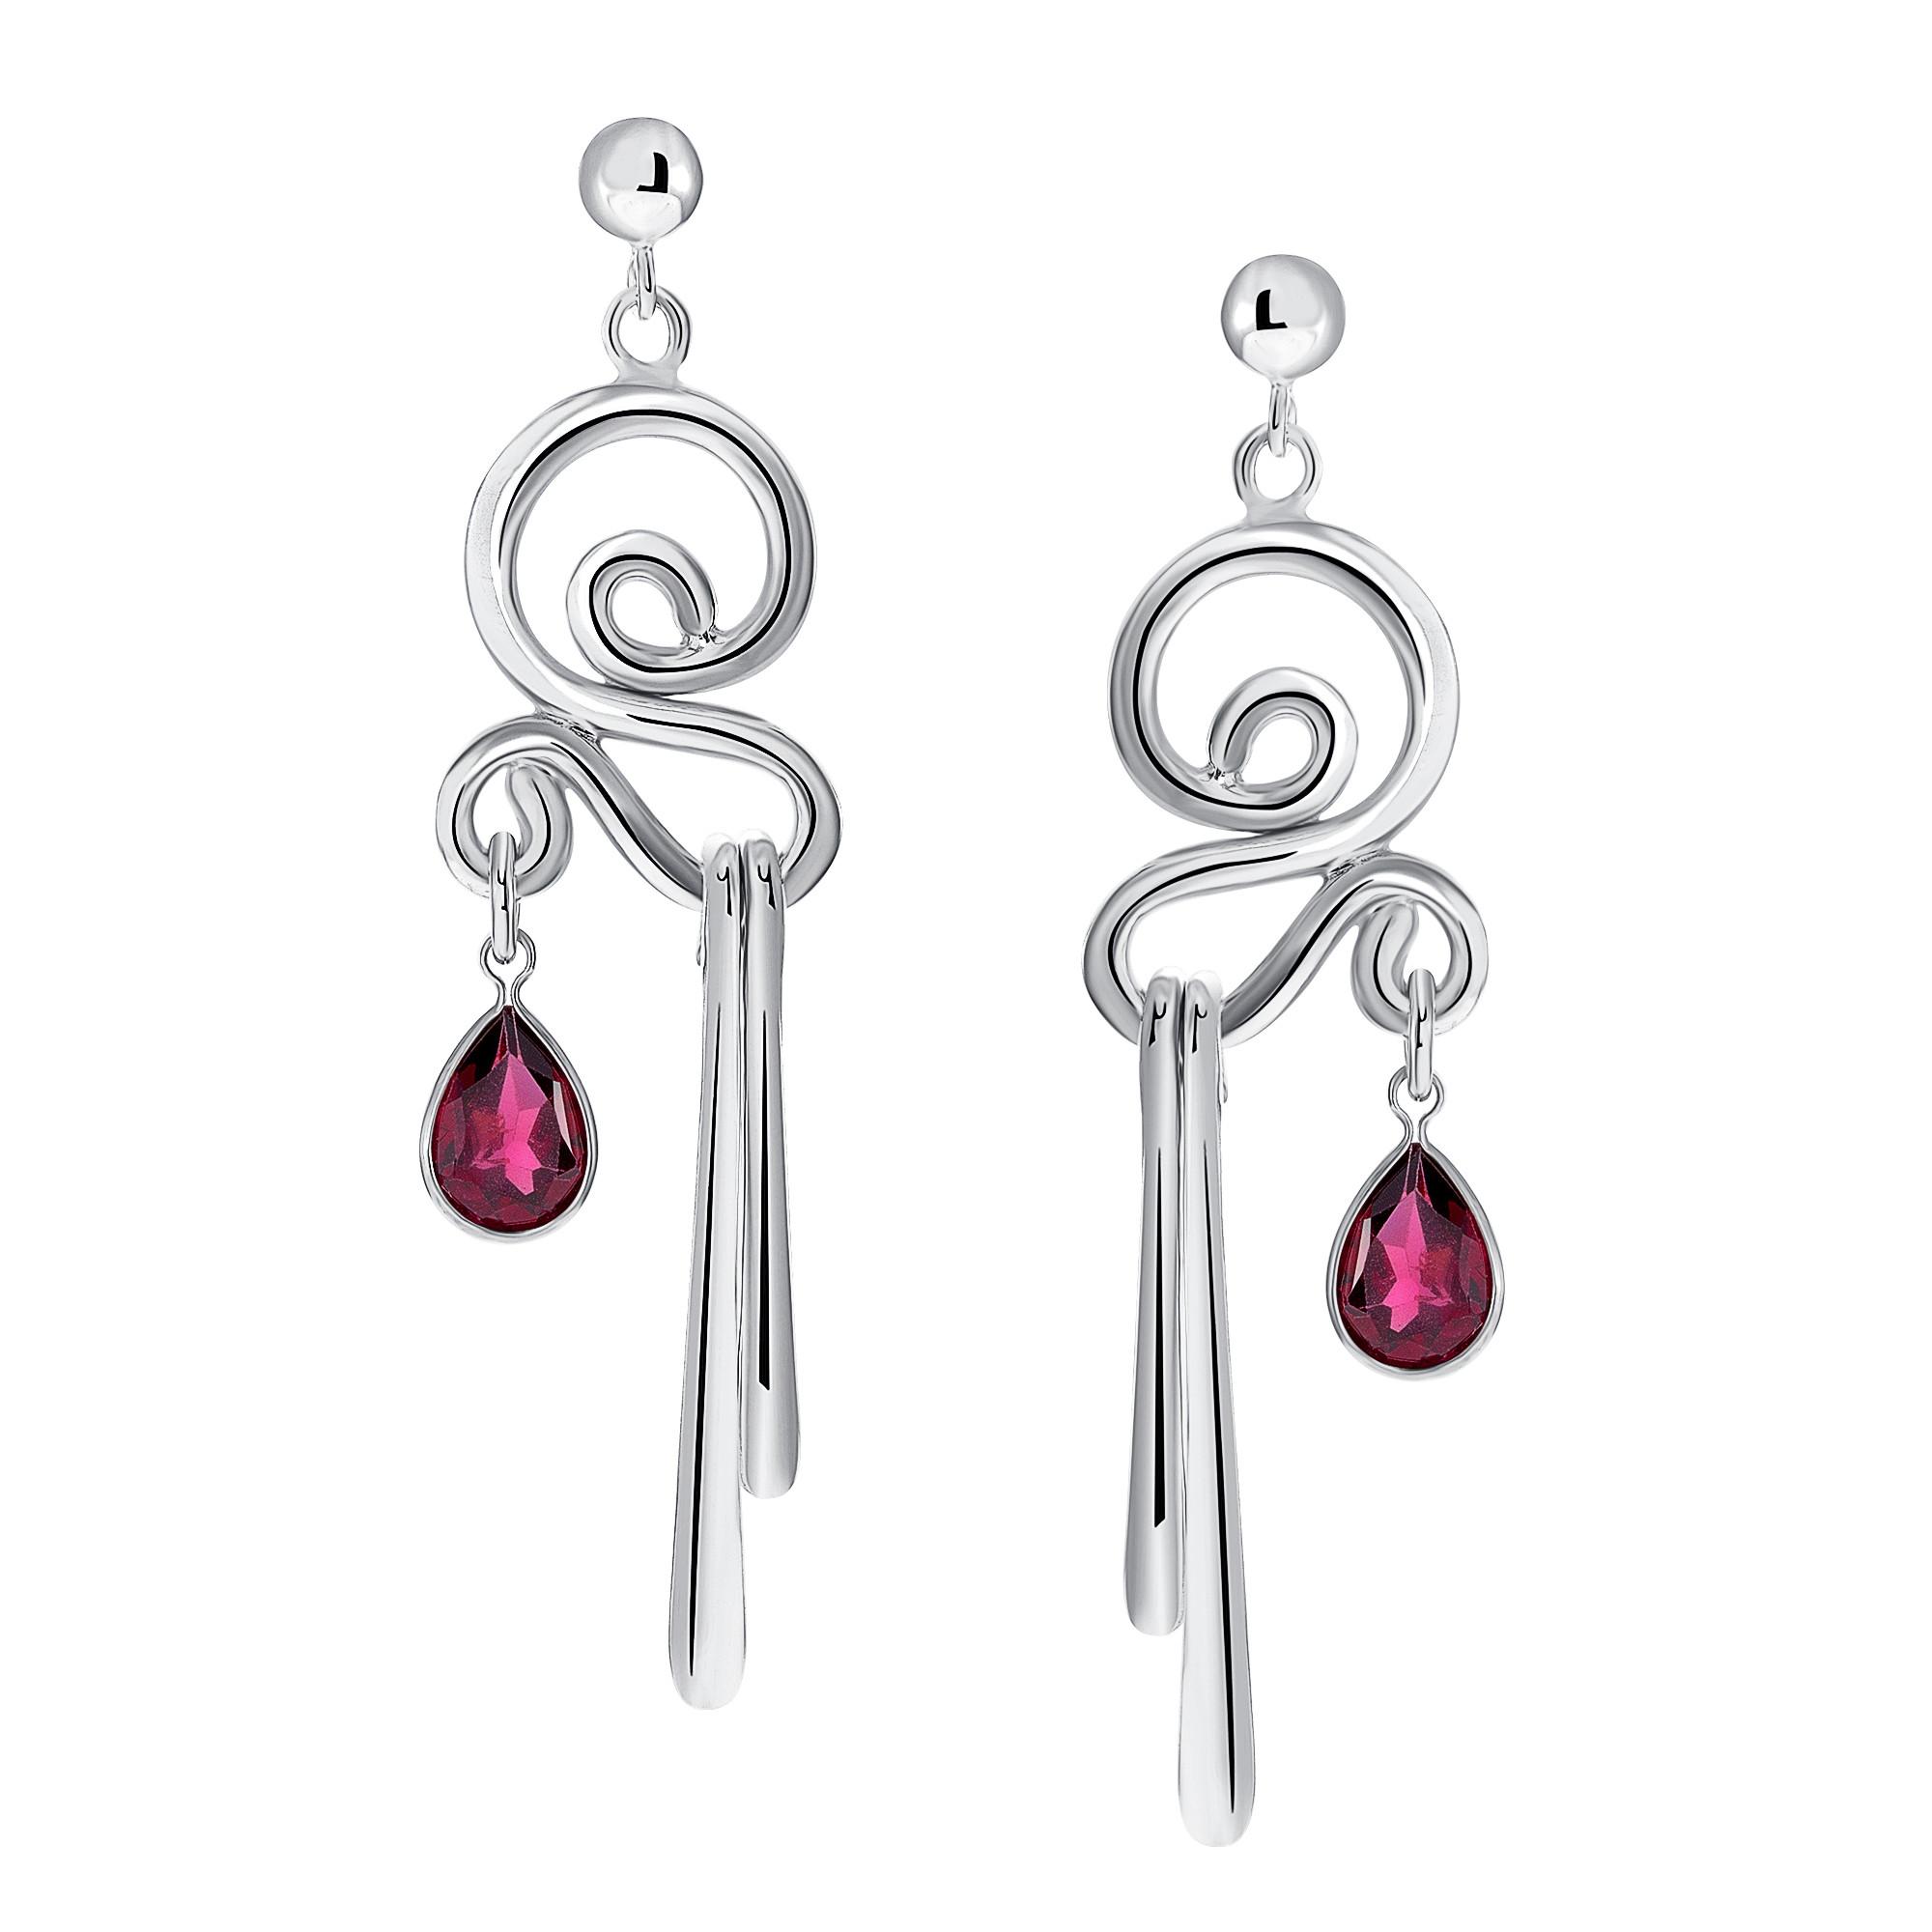 Dancer Earrings #17 in Silver with Garnets